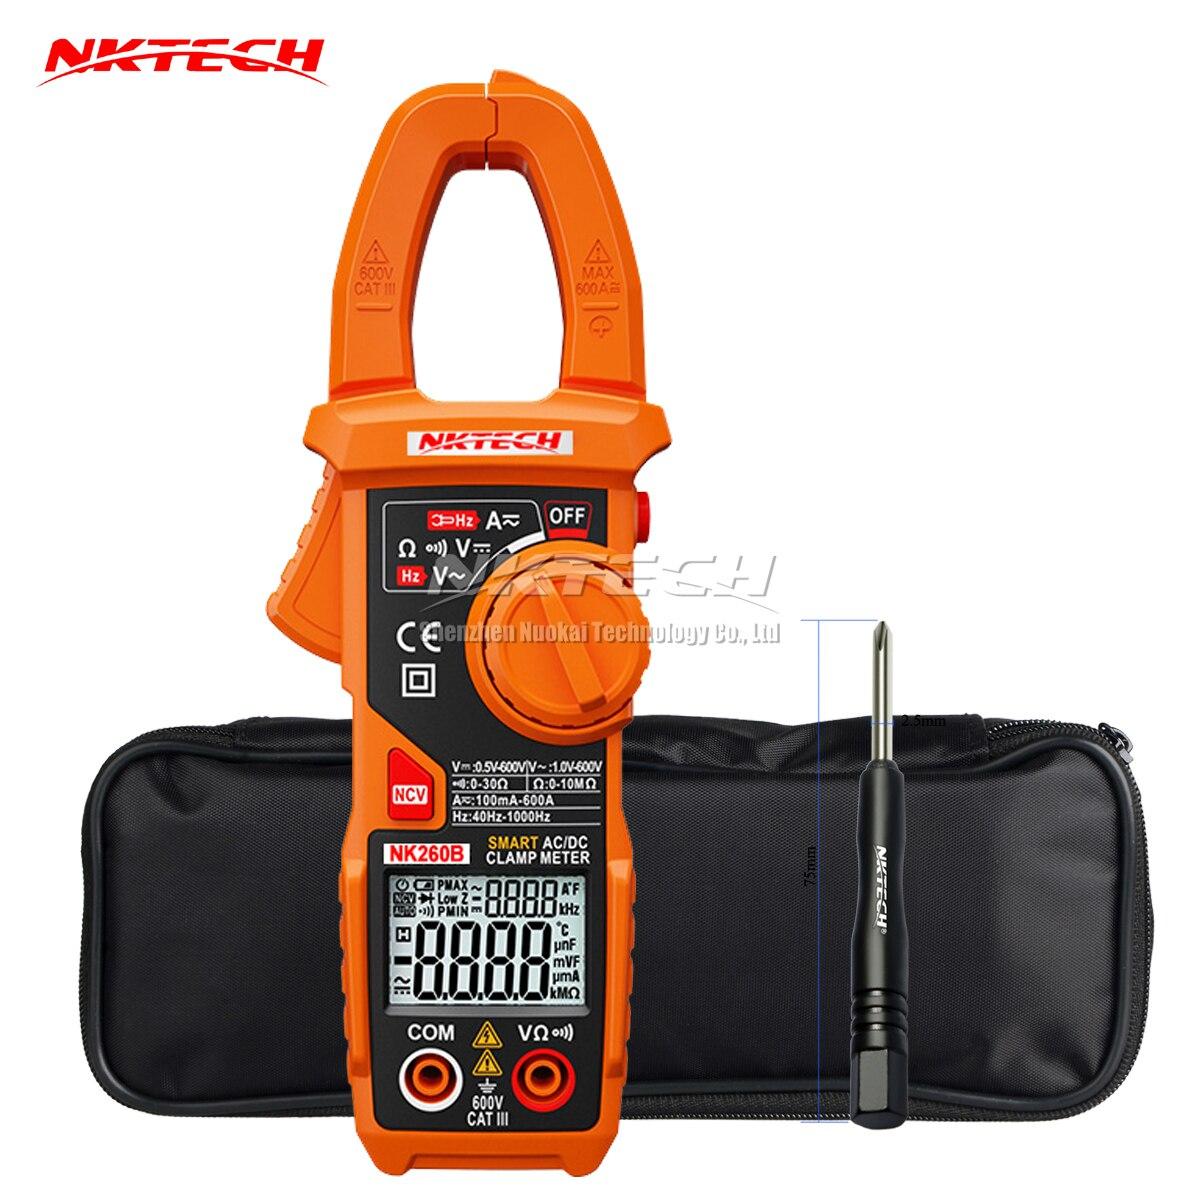 Nktech NK260B цифровой клещи Smart Auto диапазон AC DC Напряжение Ток Сопротивление Частота Авто признать V/Ом/6000 рассчитывает